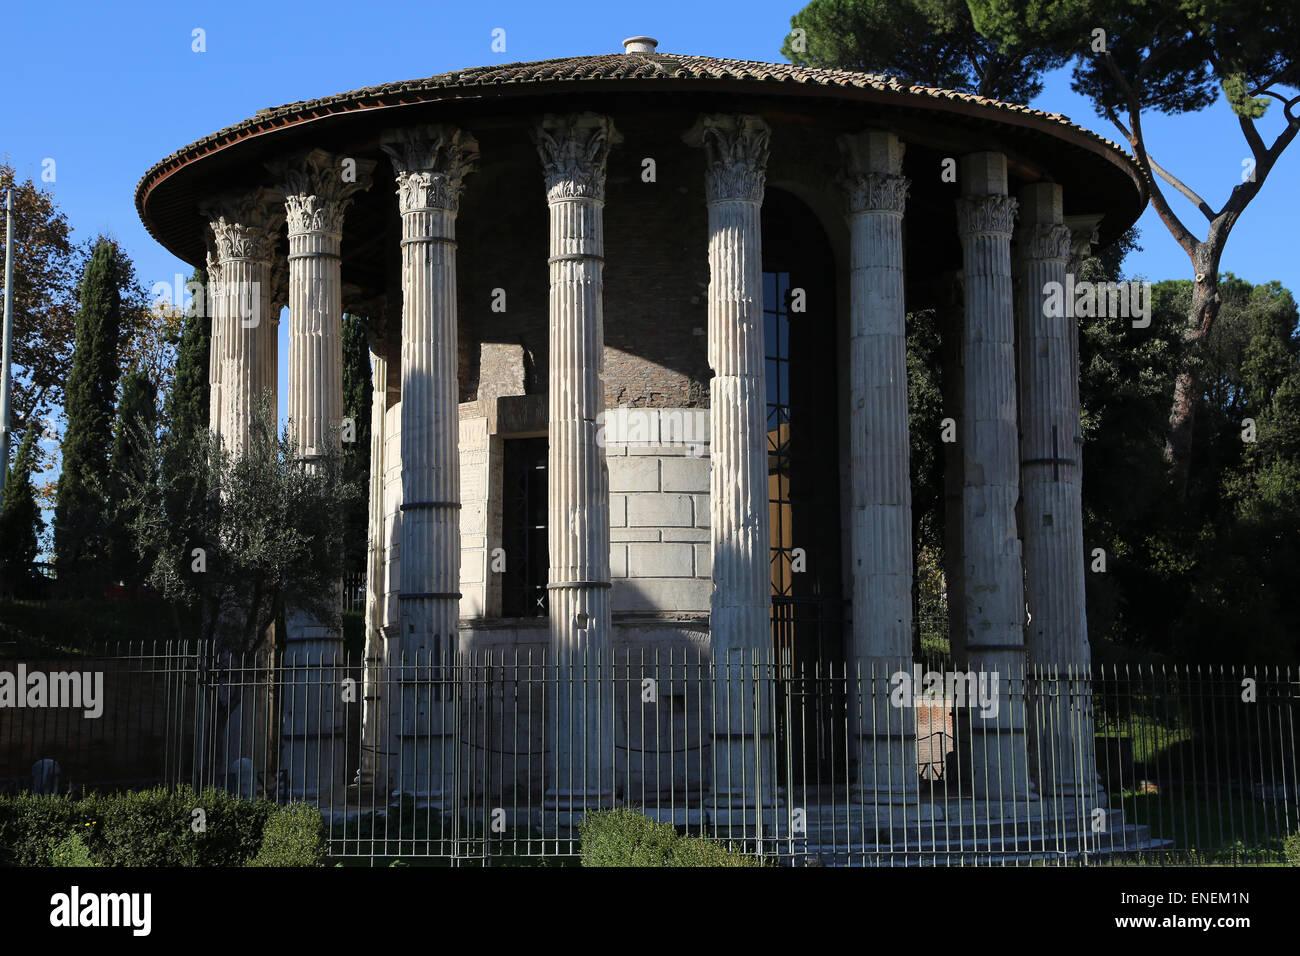 L'Italia. Roma. La circolare tempio di Ercole Vincitore (precedentemente pensato per essere un tempio di Vesta). Immagini Stock